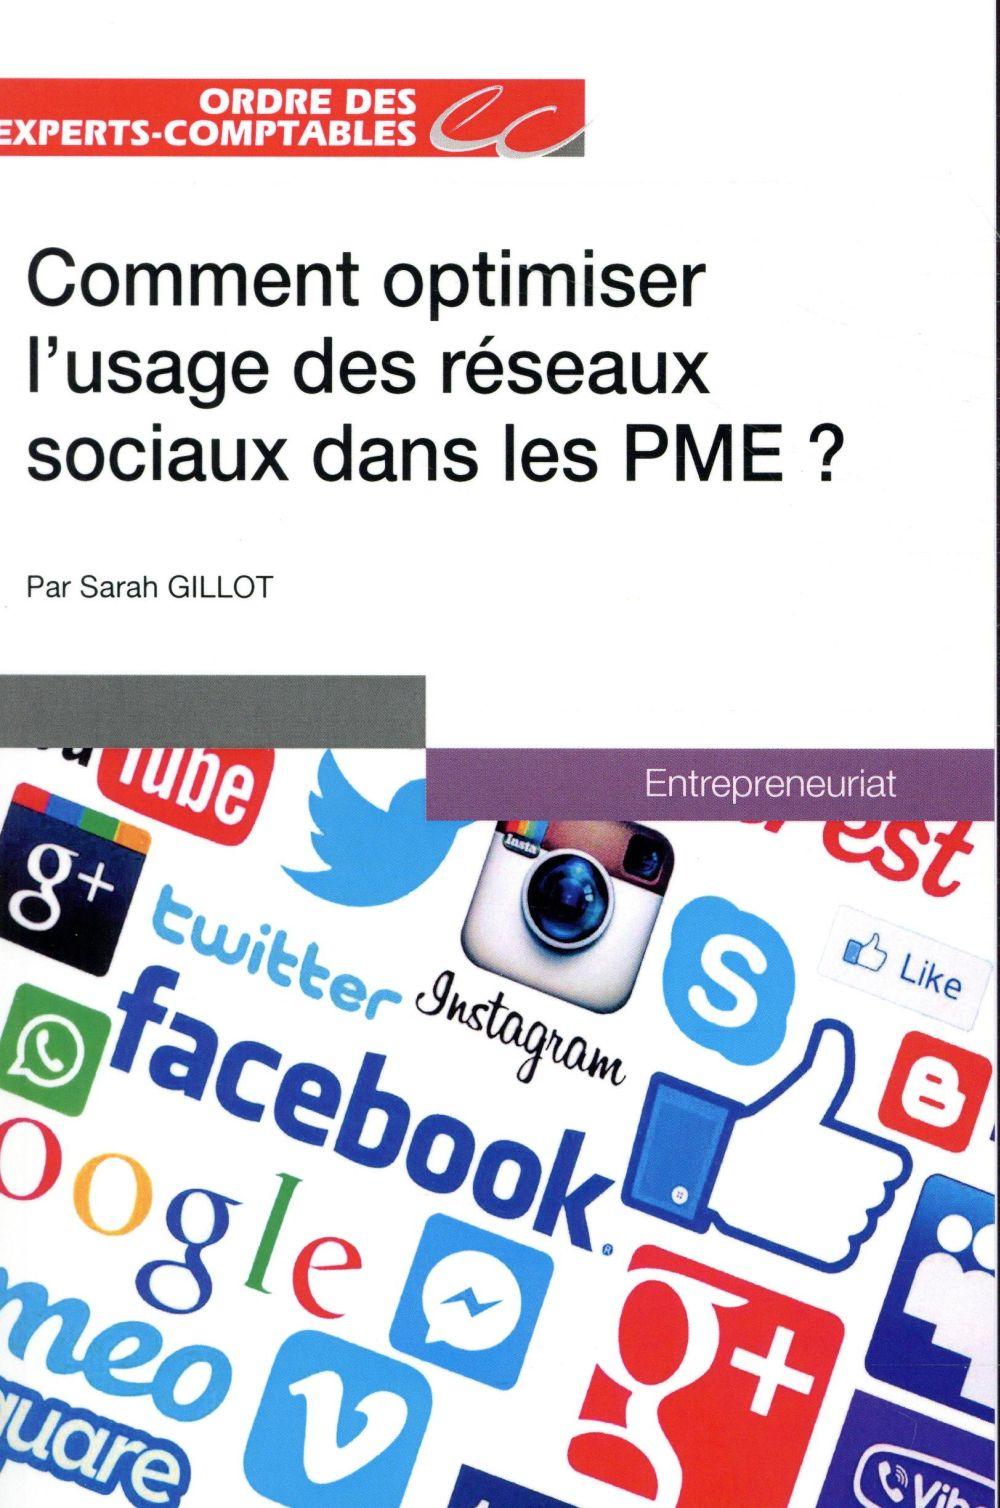 COMMENT OPTIMISER L USAGE DES RESEAUX SOCIAUX DANS LES PME